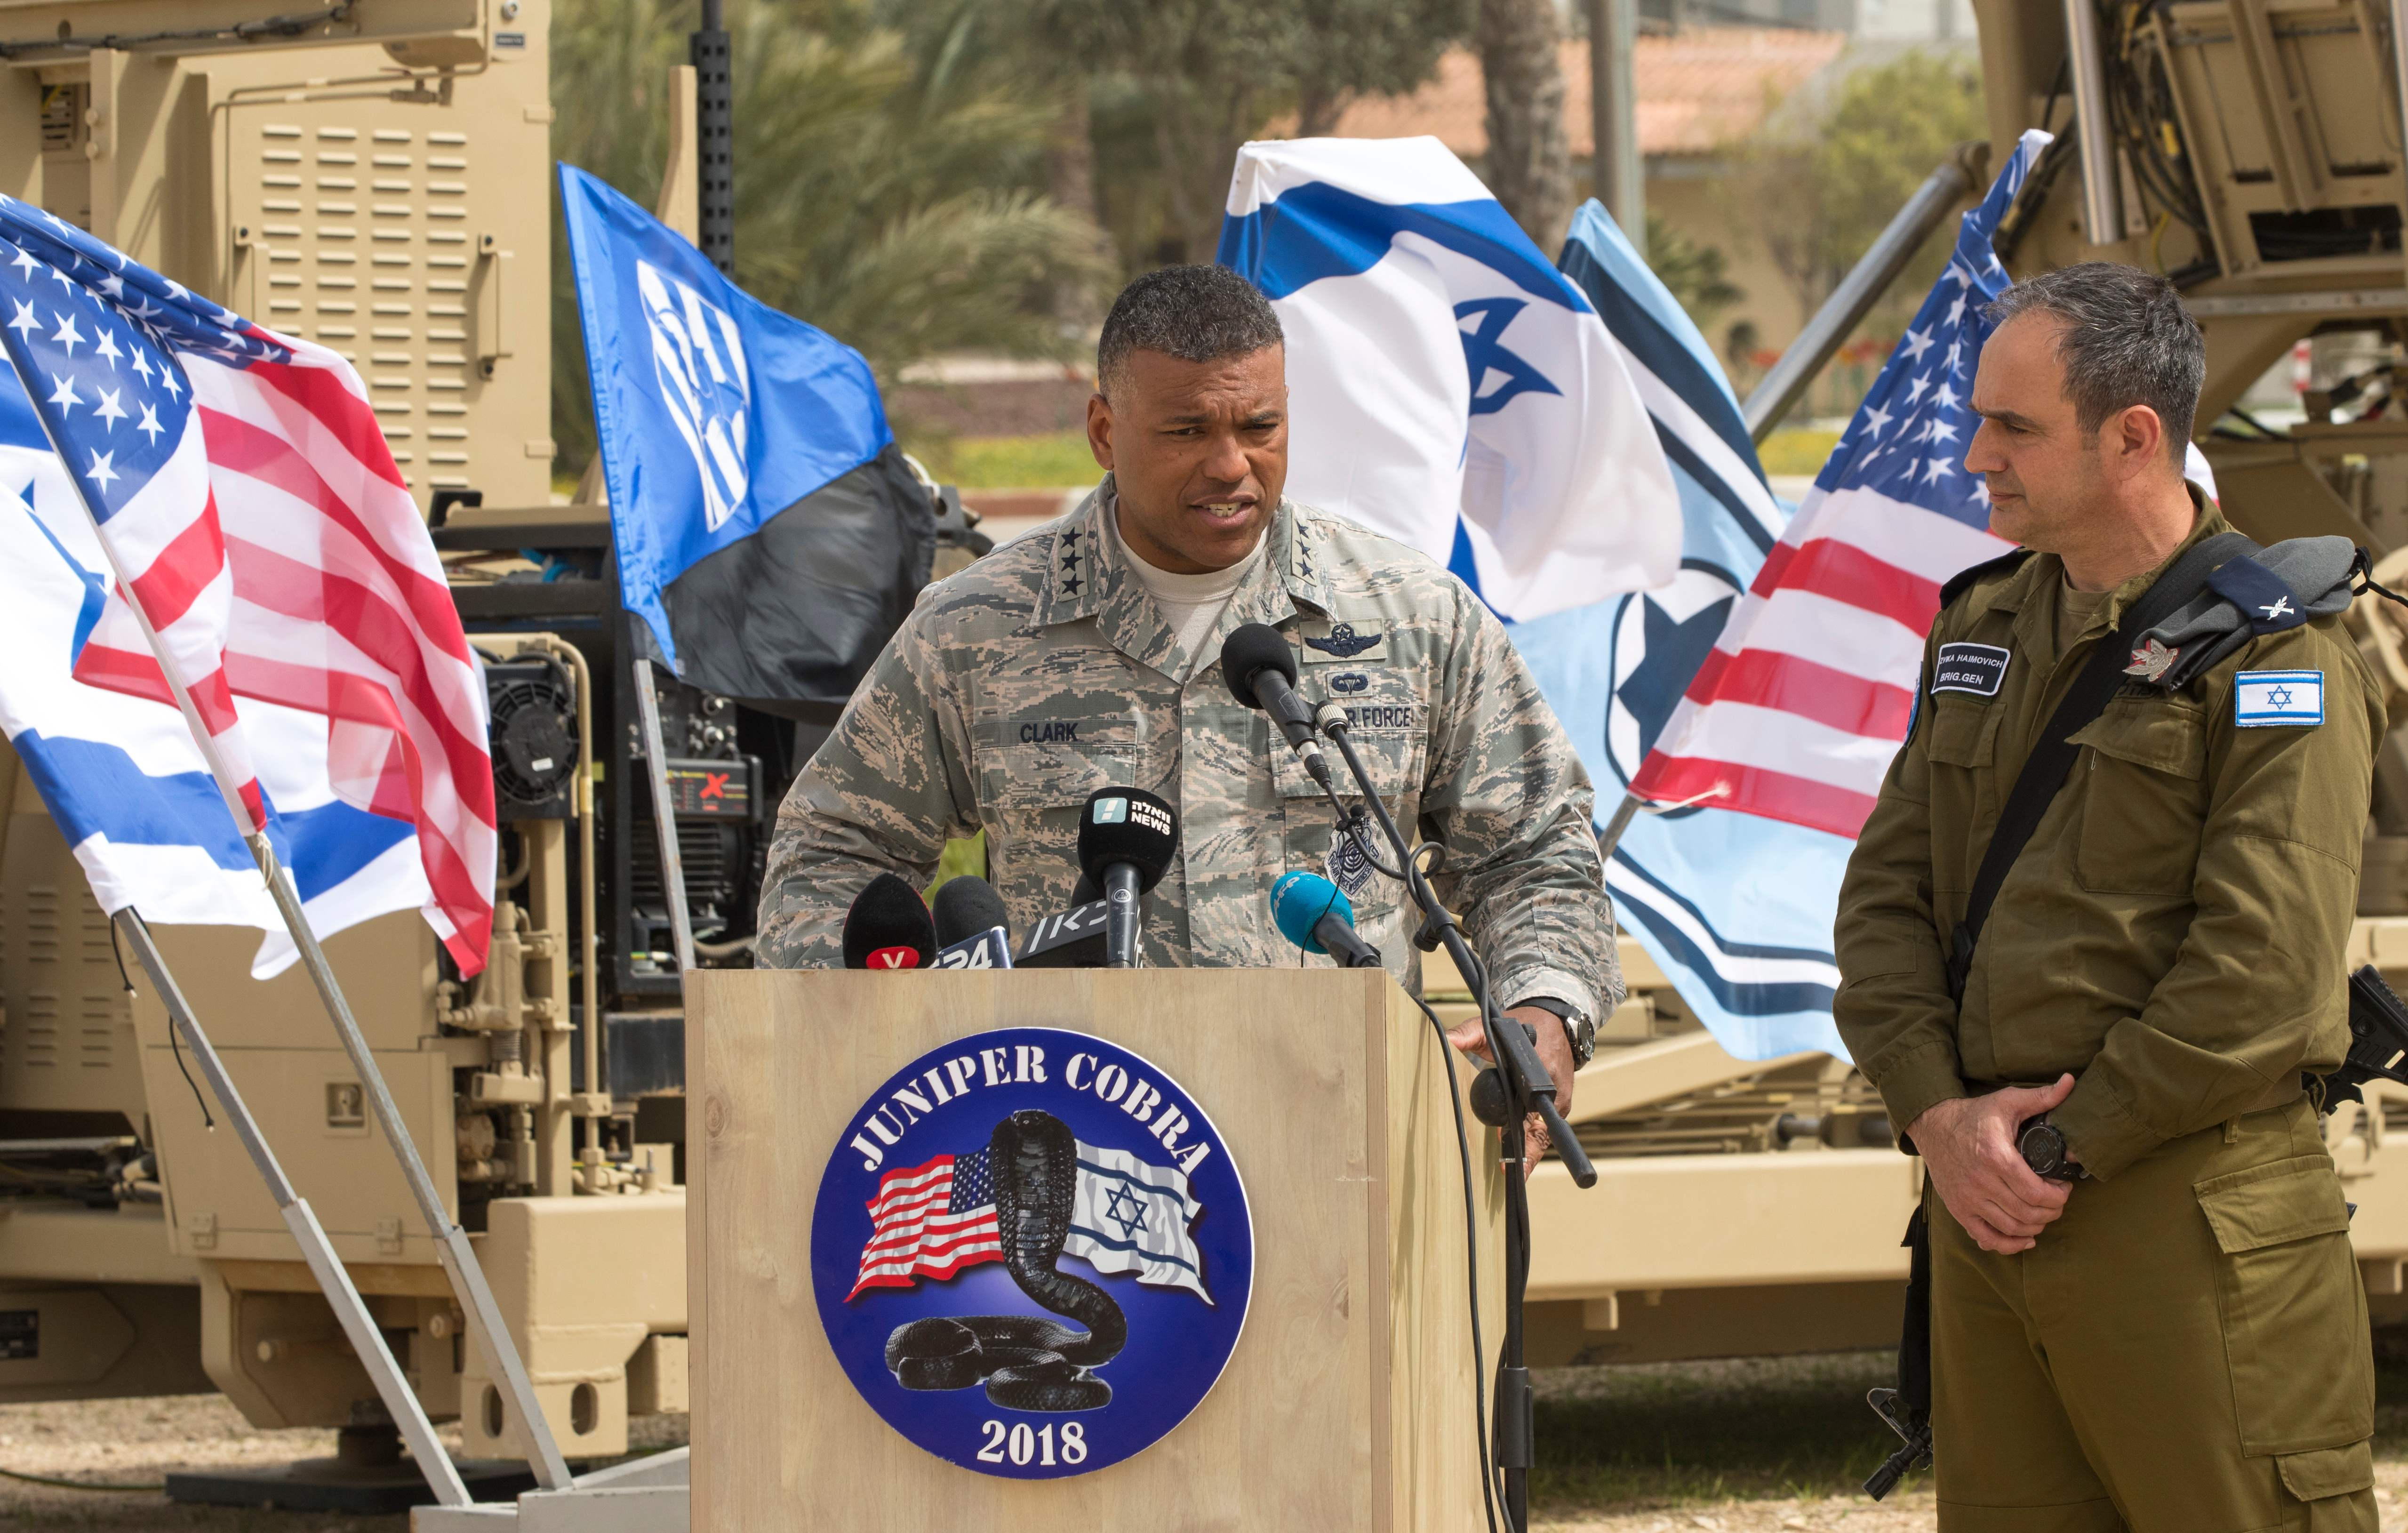 صور تدريبات عسكرية مشتركة بين القوات الأمريكية والإسرائيلية  1230198-242952-01-02